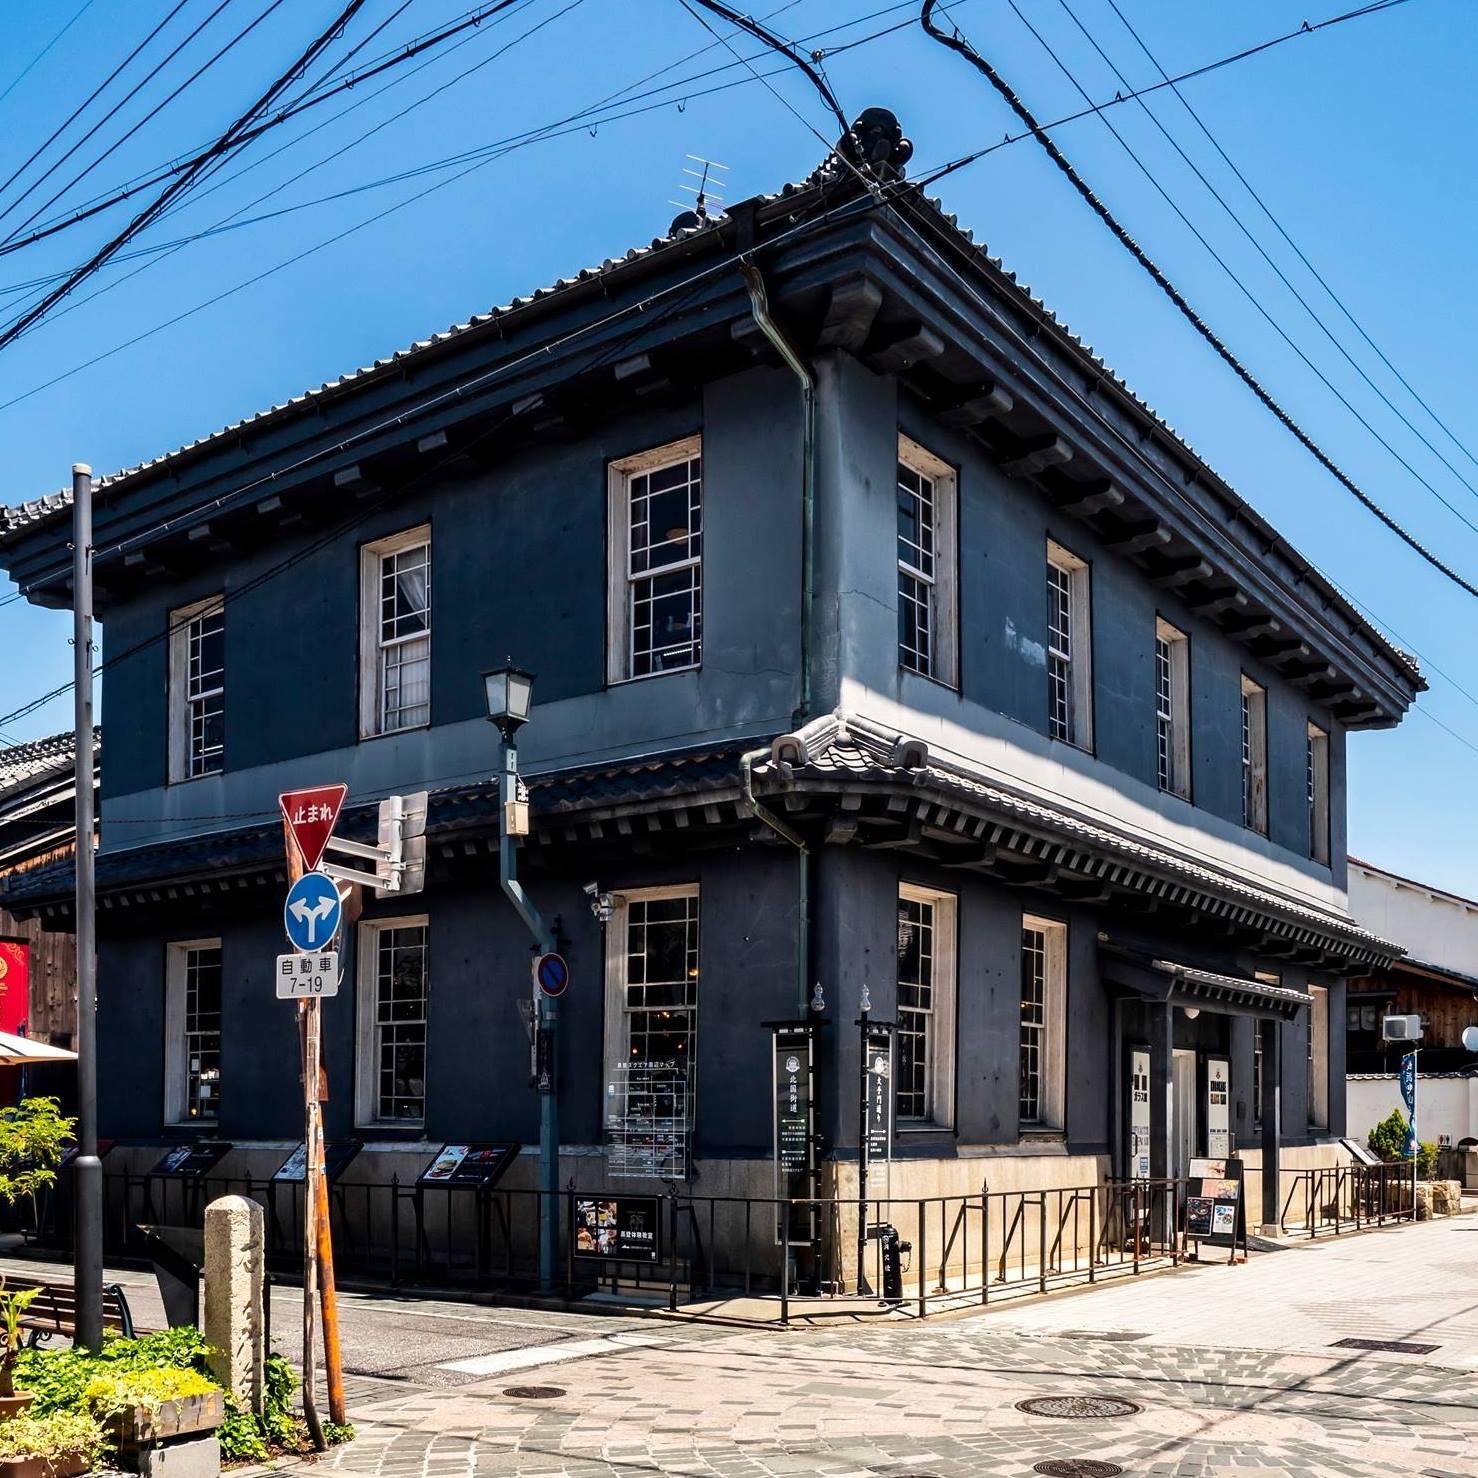 【滋賀】カップルで訪れたい♡おすすめデートスポット10選!